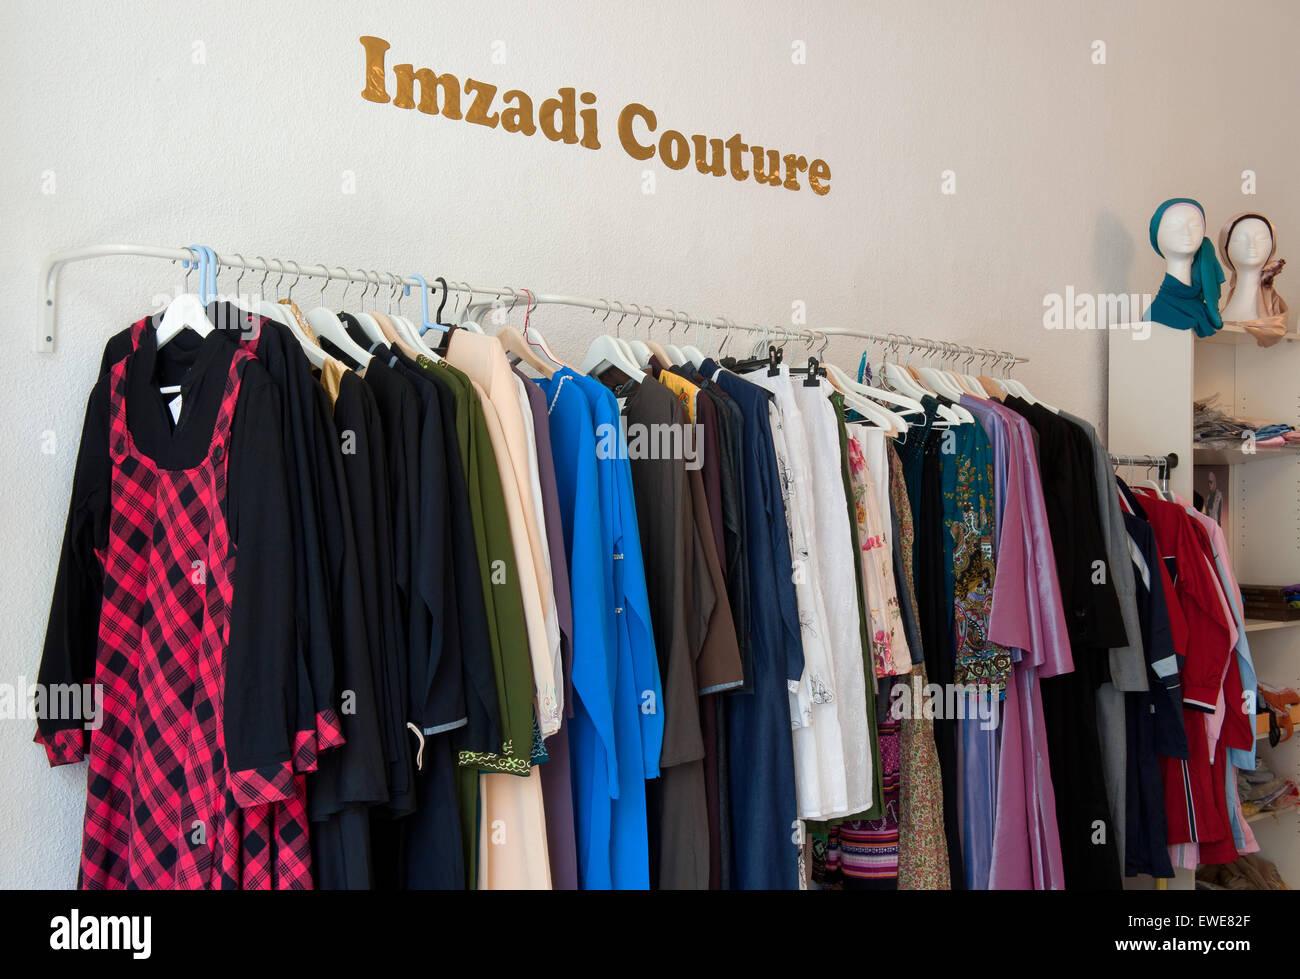 Berlin, Allemagne, Imzadi couture, mode pour les filles et les femmes musulmanes Photo Stock